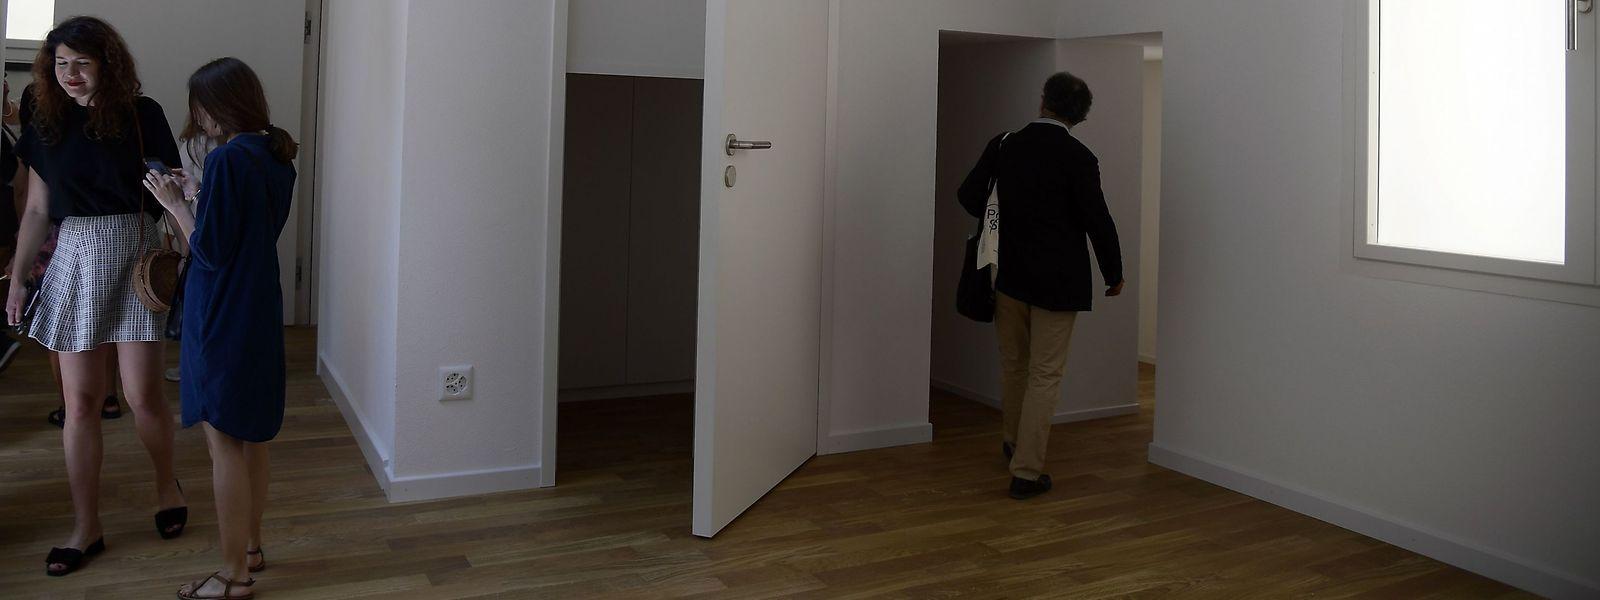 Der Schweizer Beitrag zur Biennale - vordergründig nur eine leere Wohnung.